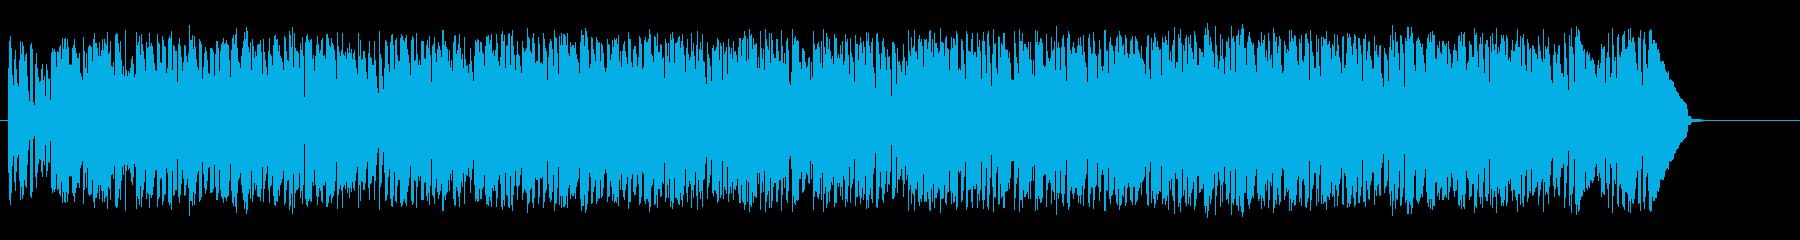 バンジョーが陽気なウェスタン調の再生済みの波形